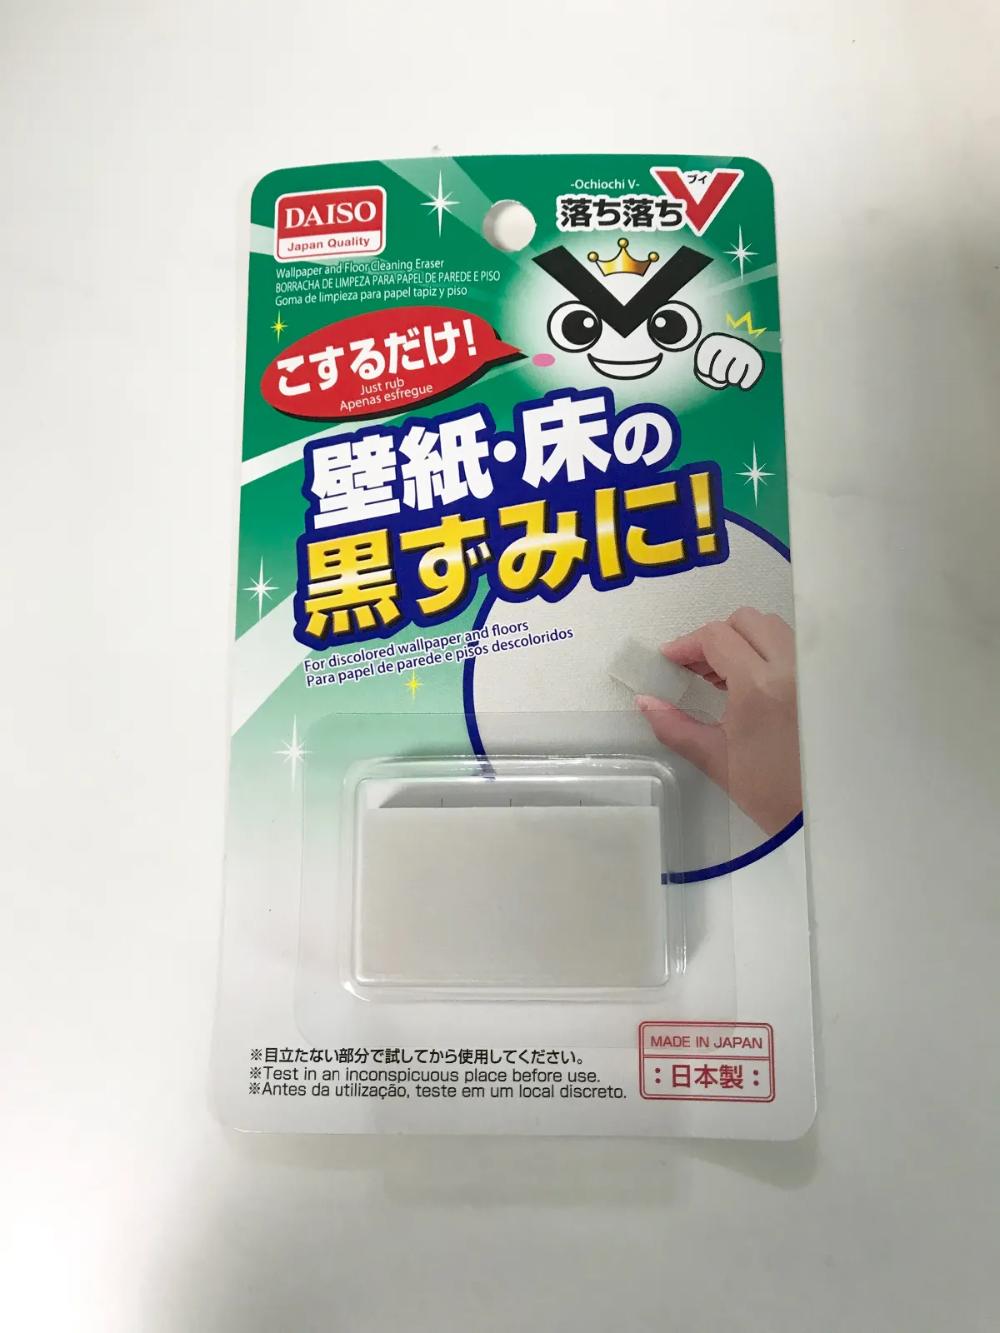 ダイソー のお掃除消しゴムが便利すぎる 壁紙や床の汚れをこするだけで消せる 床の汚れ 掃除 お掃除